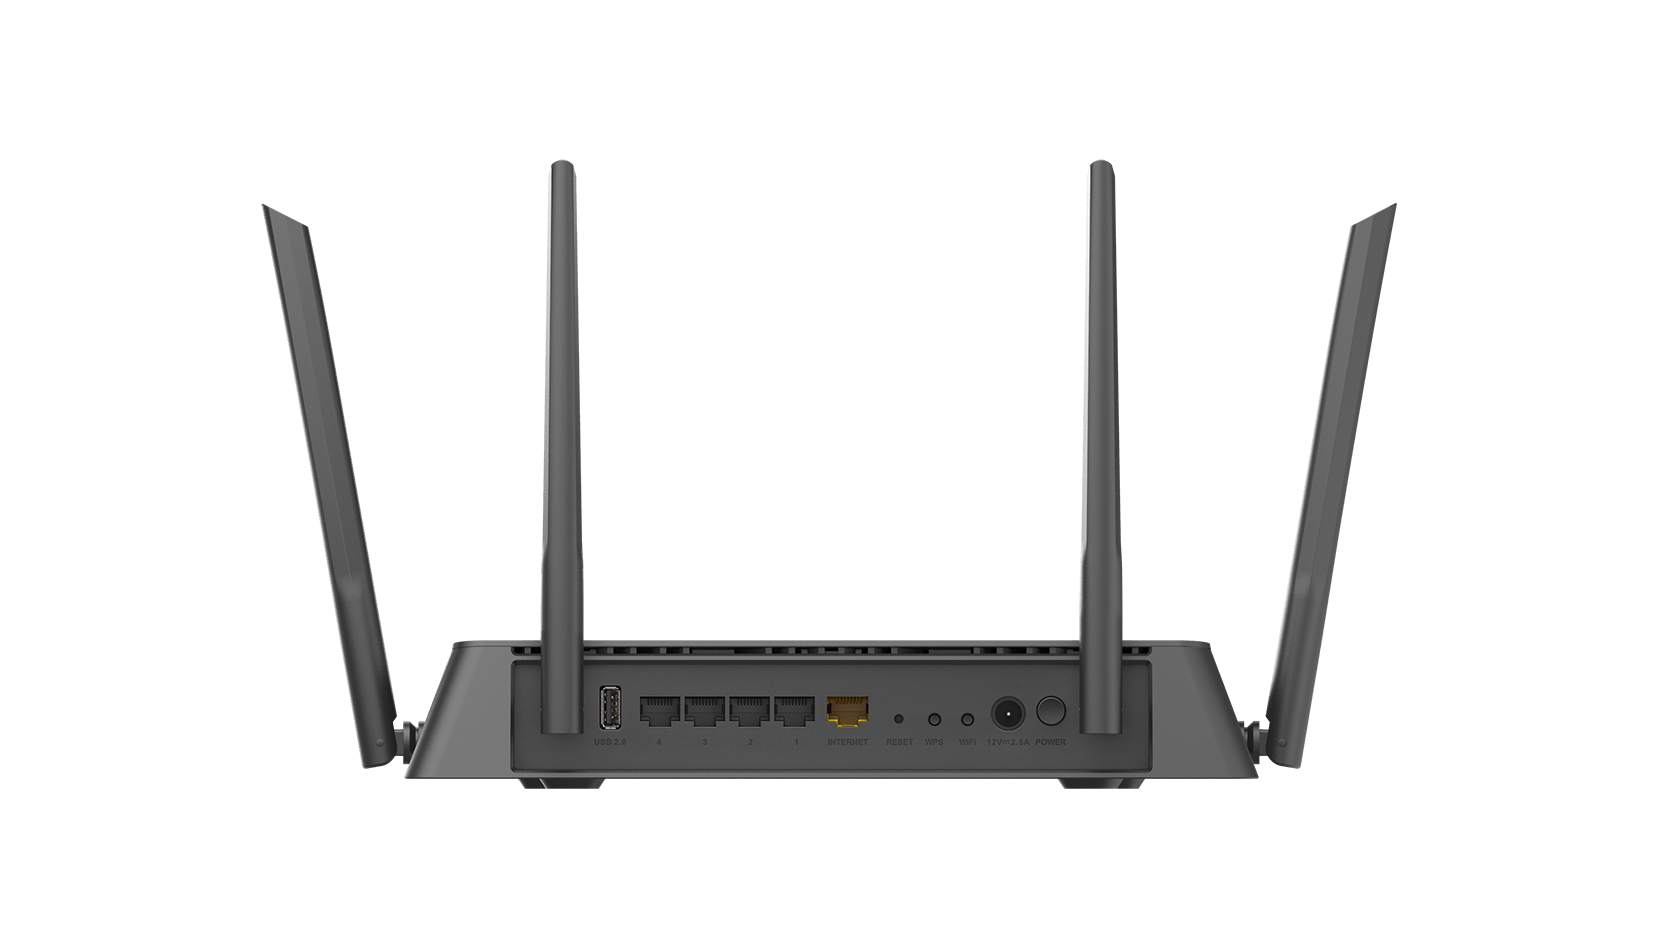 D Link DIR 882 Dual Band Wireless